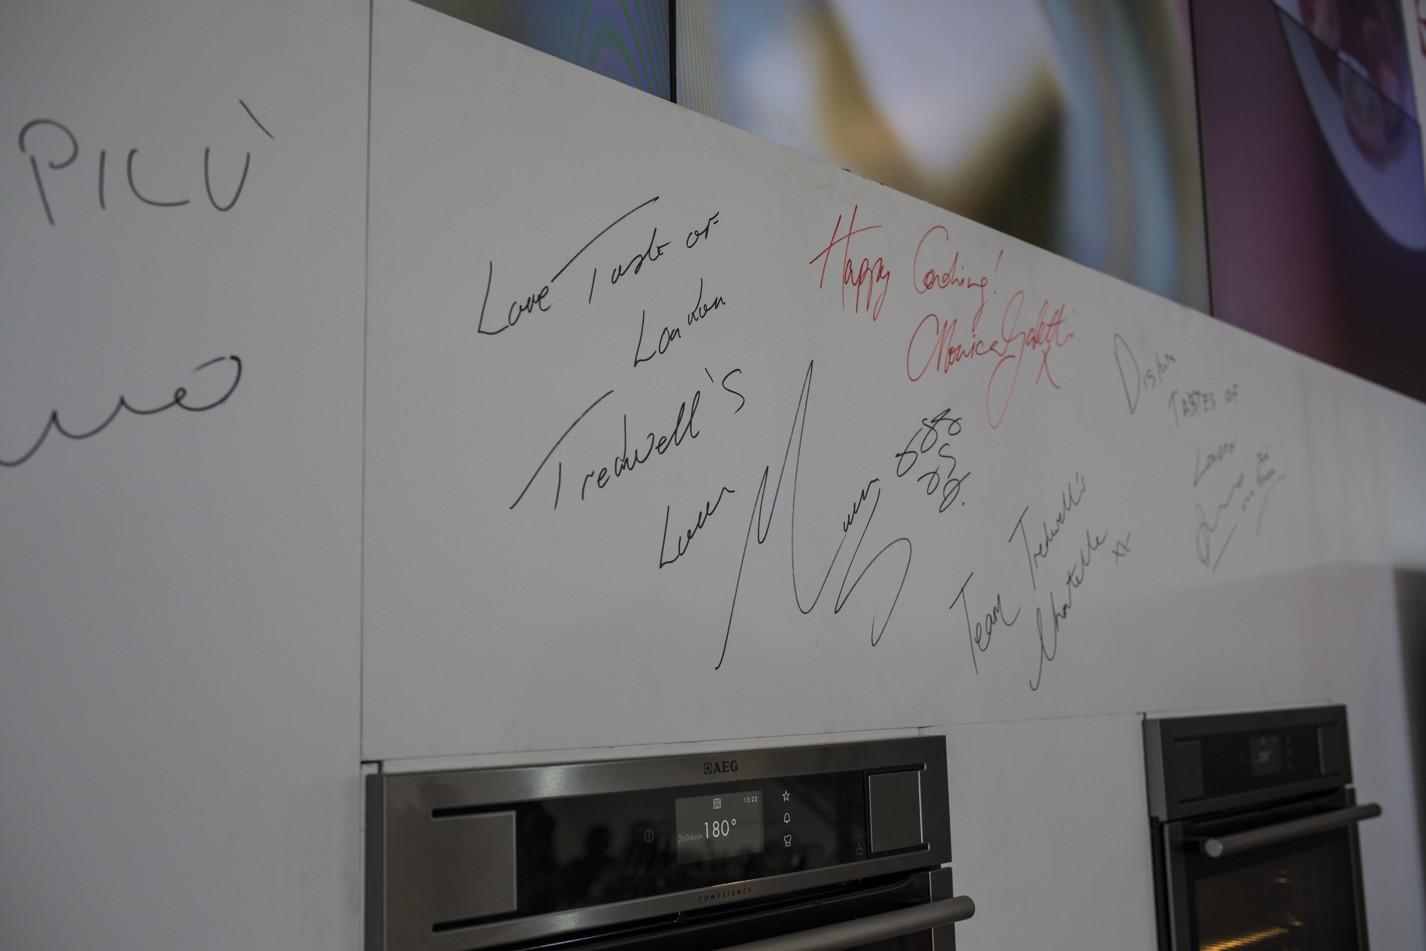 Chef signatures